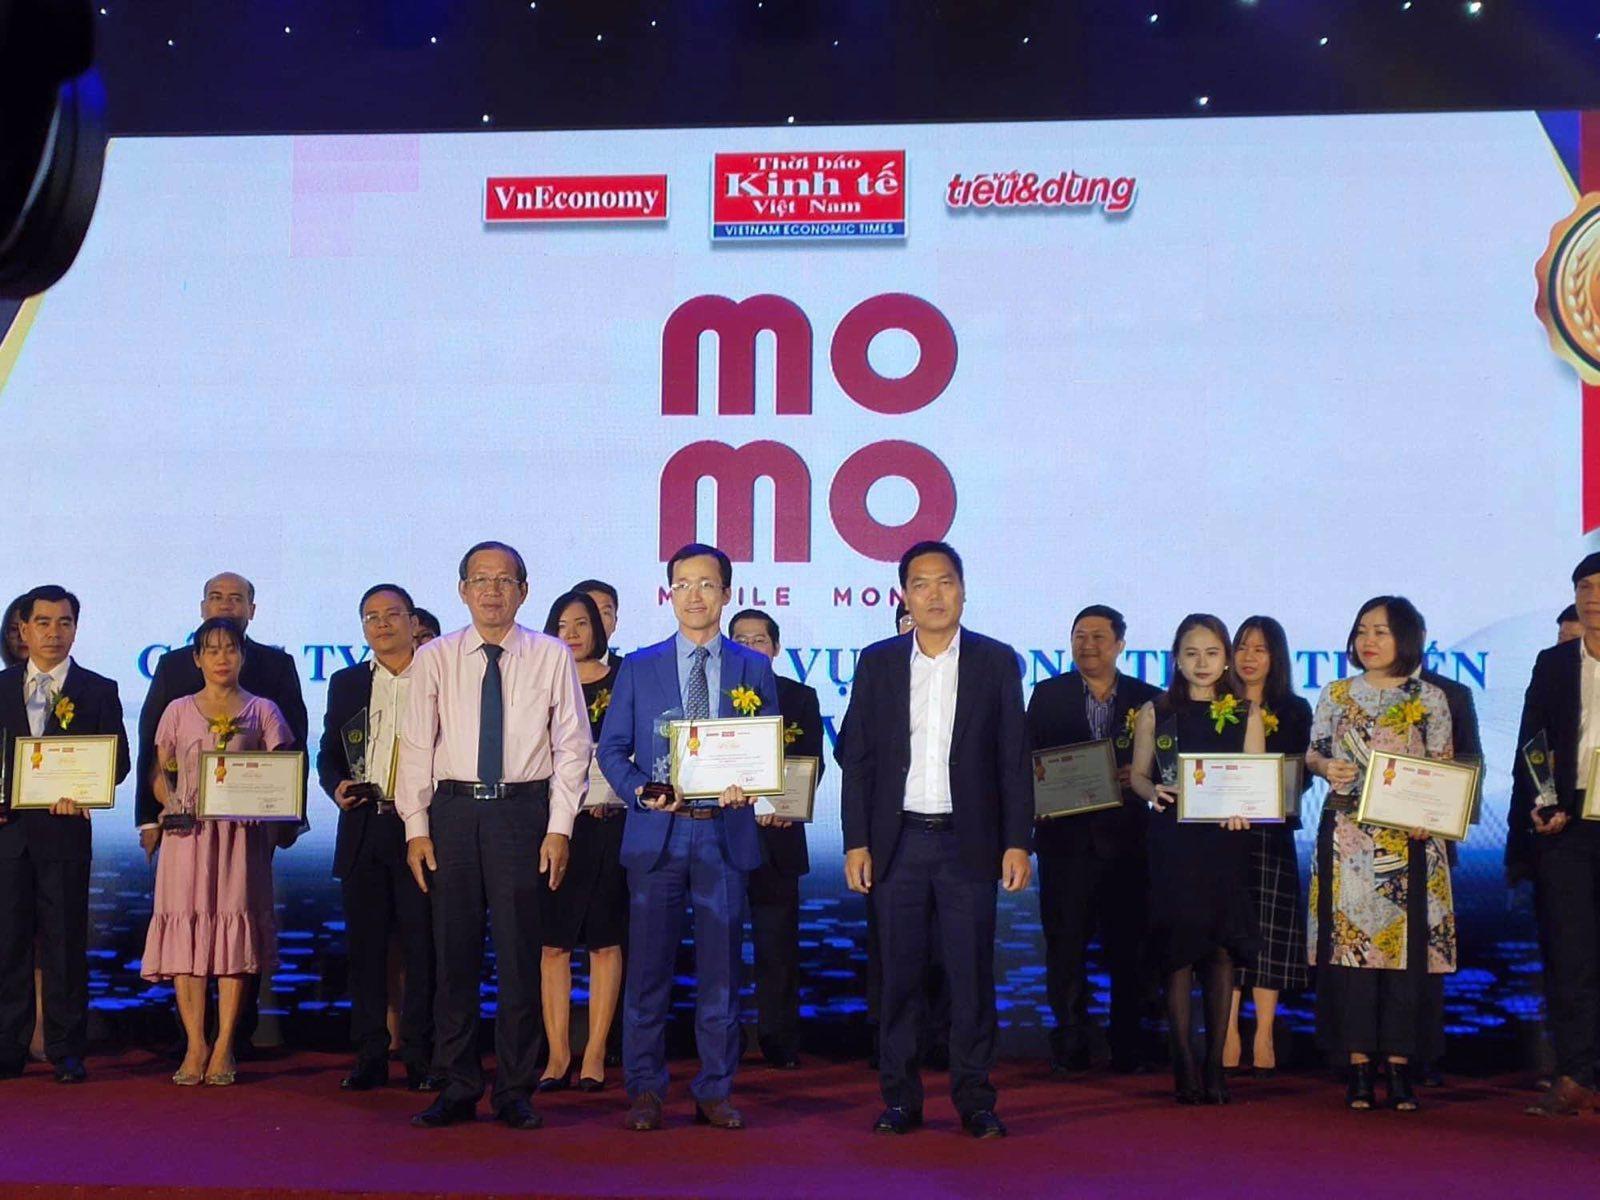 MoMo vào TOP 100 sản phẩm – Dịch vụ Tin & Dùng Việt Nam 2019